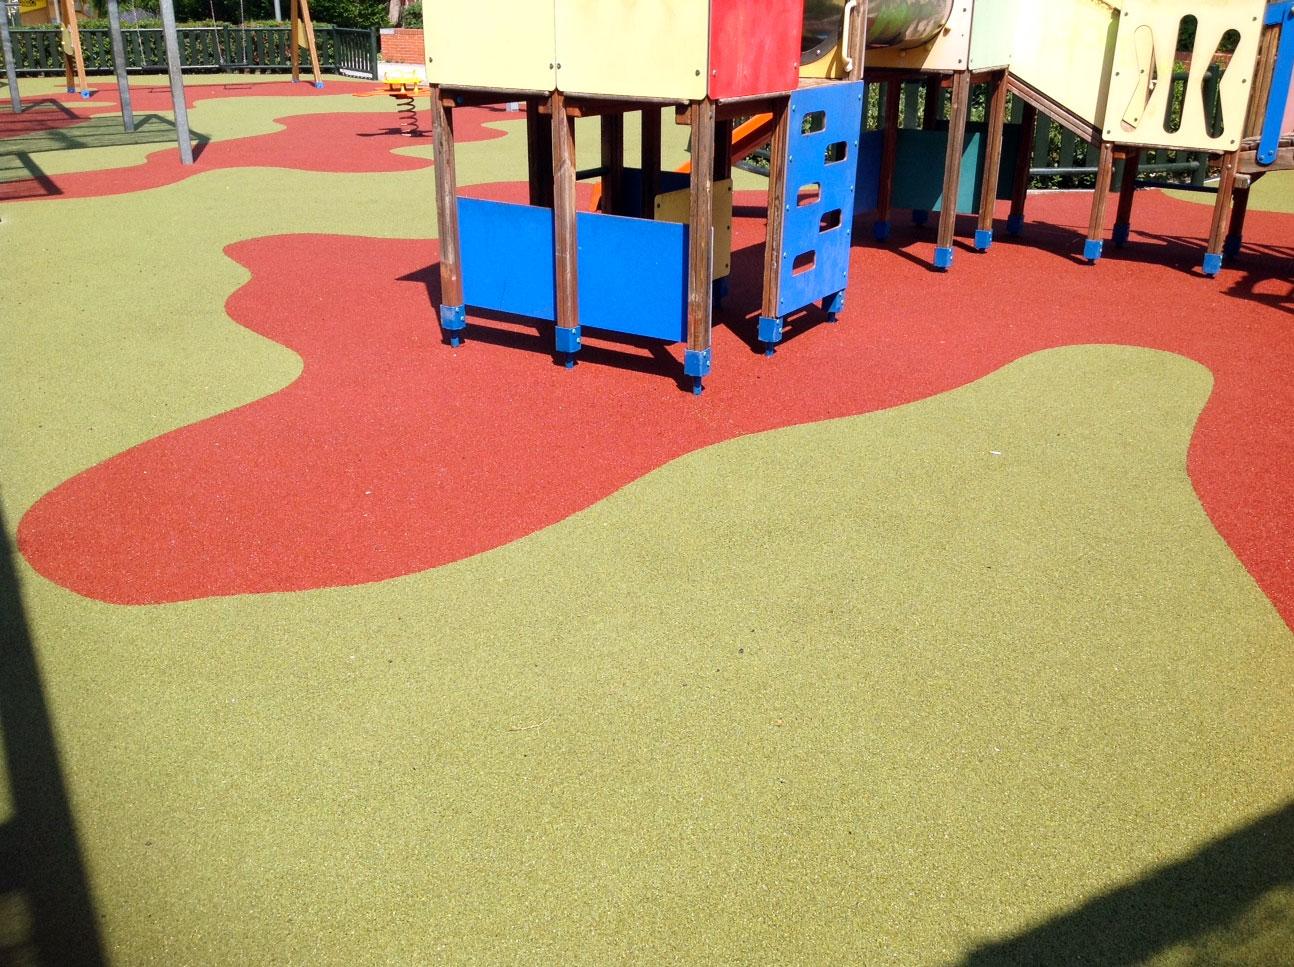 El Ayuntamiento de Alcobendas ha adjudicado a Urbadep Equipamiento la instalación de pavimento de caucho continuo en varios parques infantiles del municipio